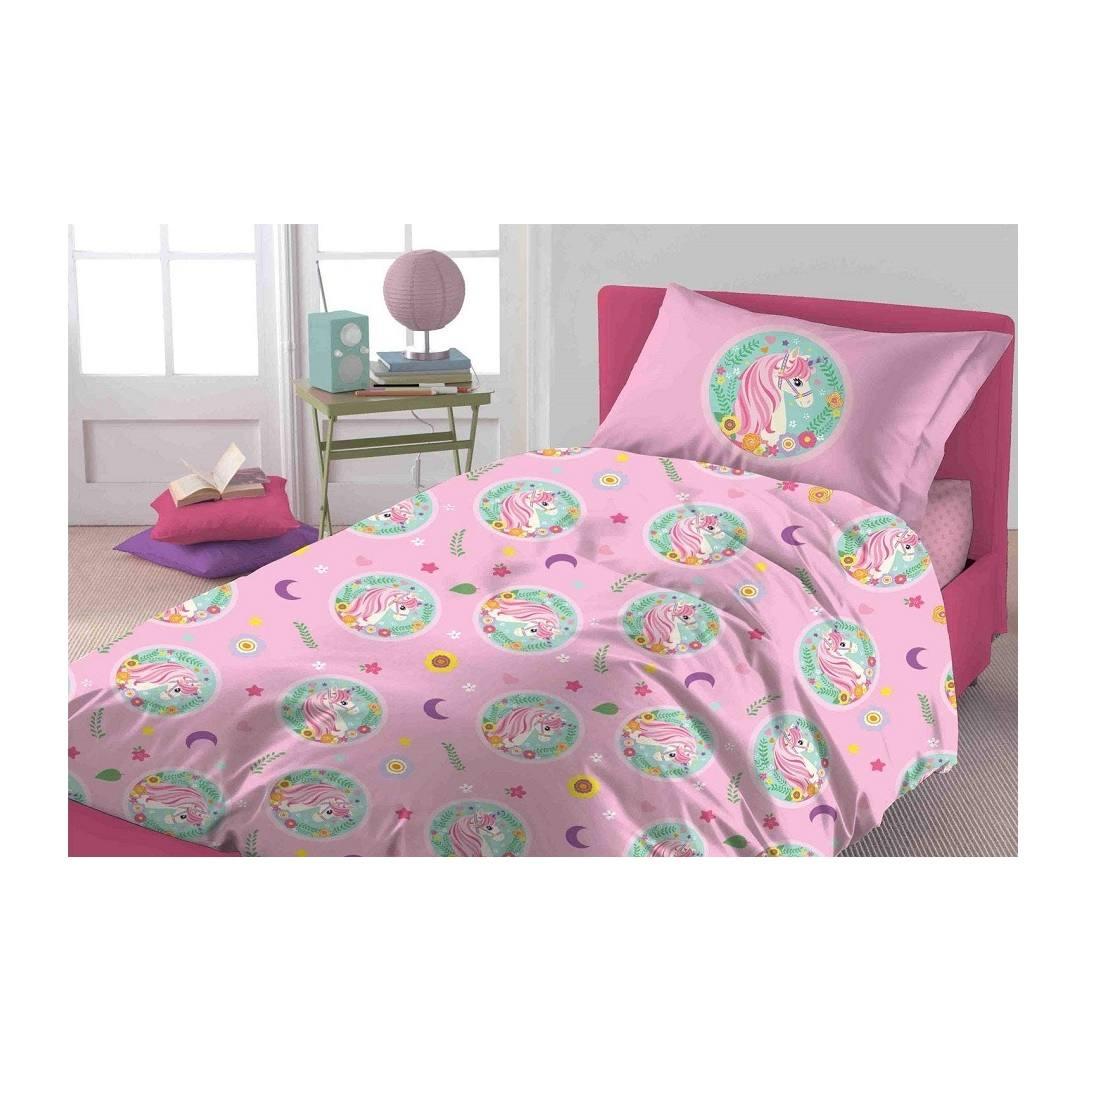 Lenzuola Singole Completi Letto Singoli Biancheriamusella Completo Lenzuola Unicorno Singola Novia Una Piazza Unicorno Rosa